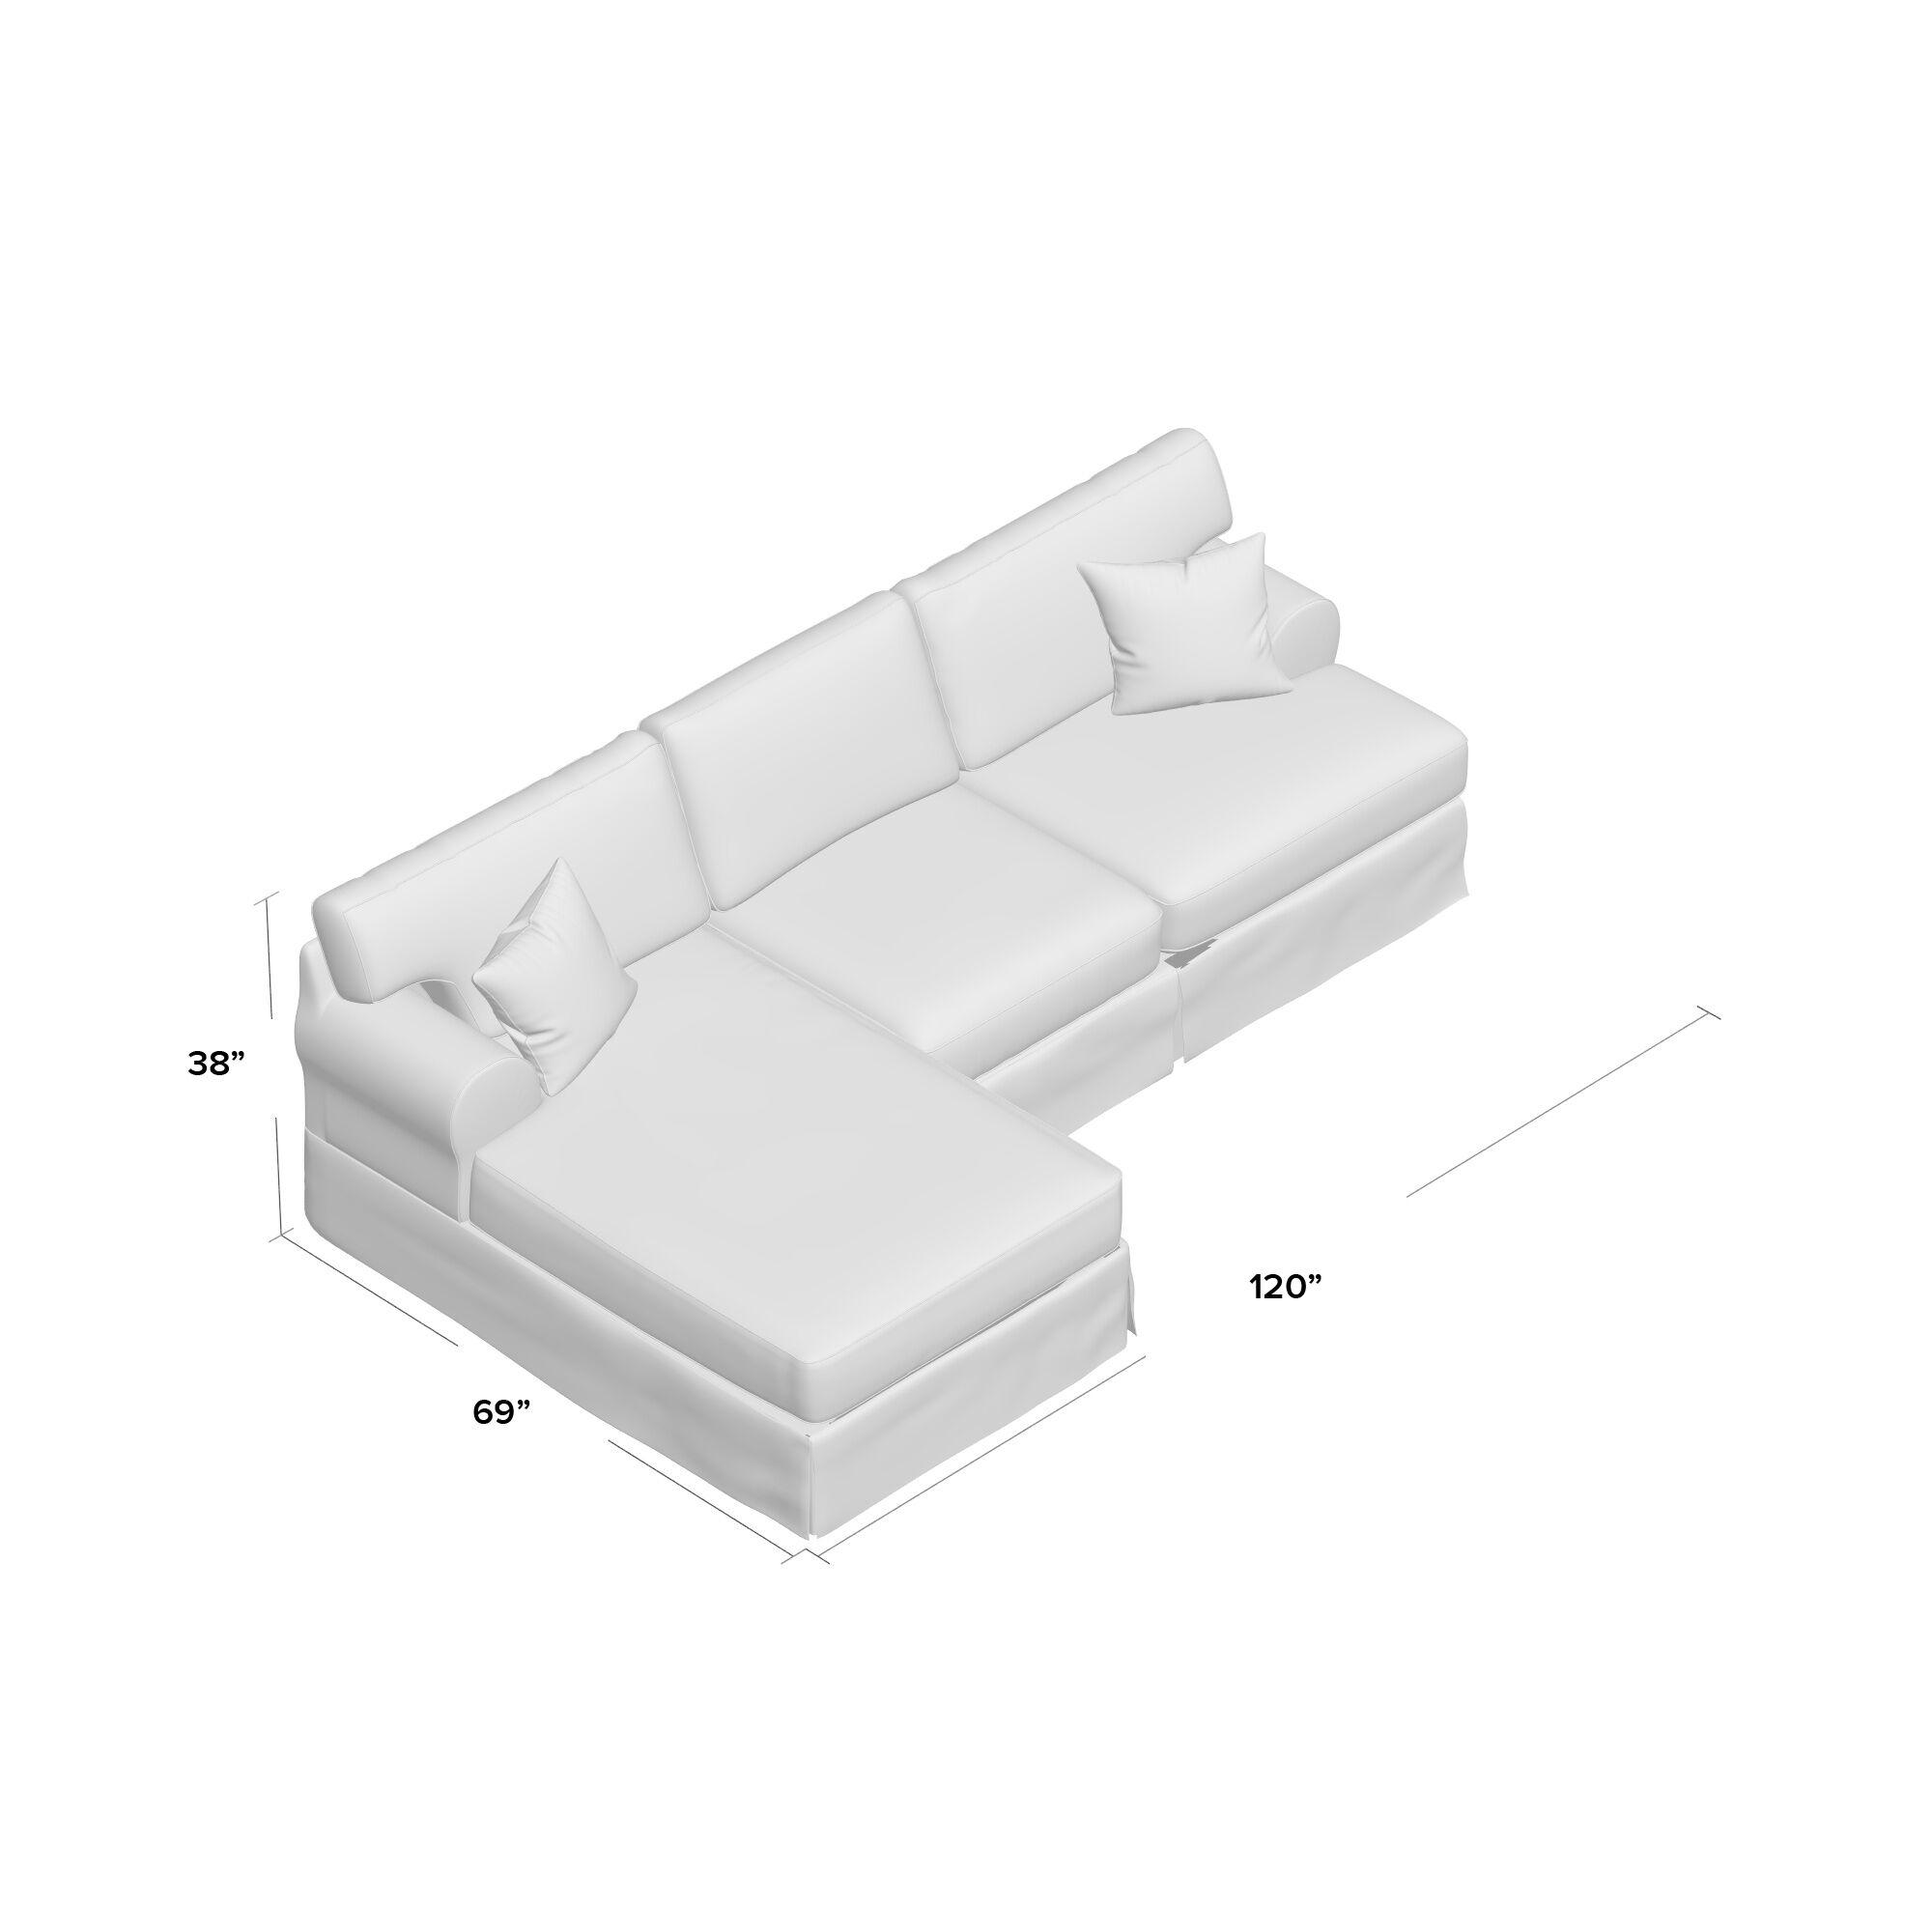 Gravitt Sectional Upholstery: White, Orientation: Left Hand Facing